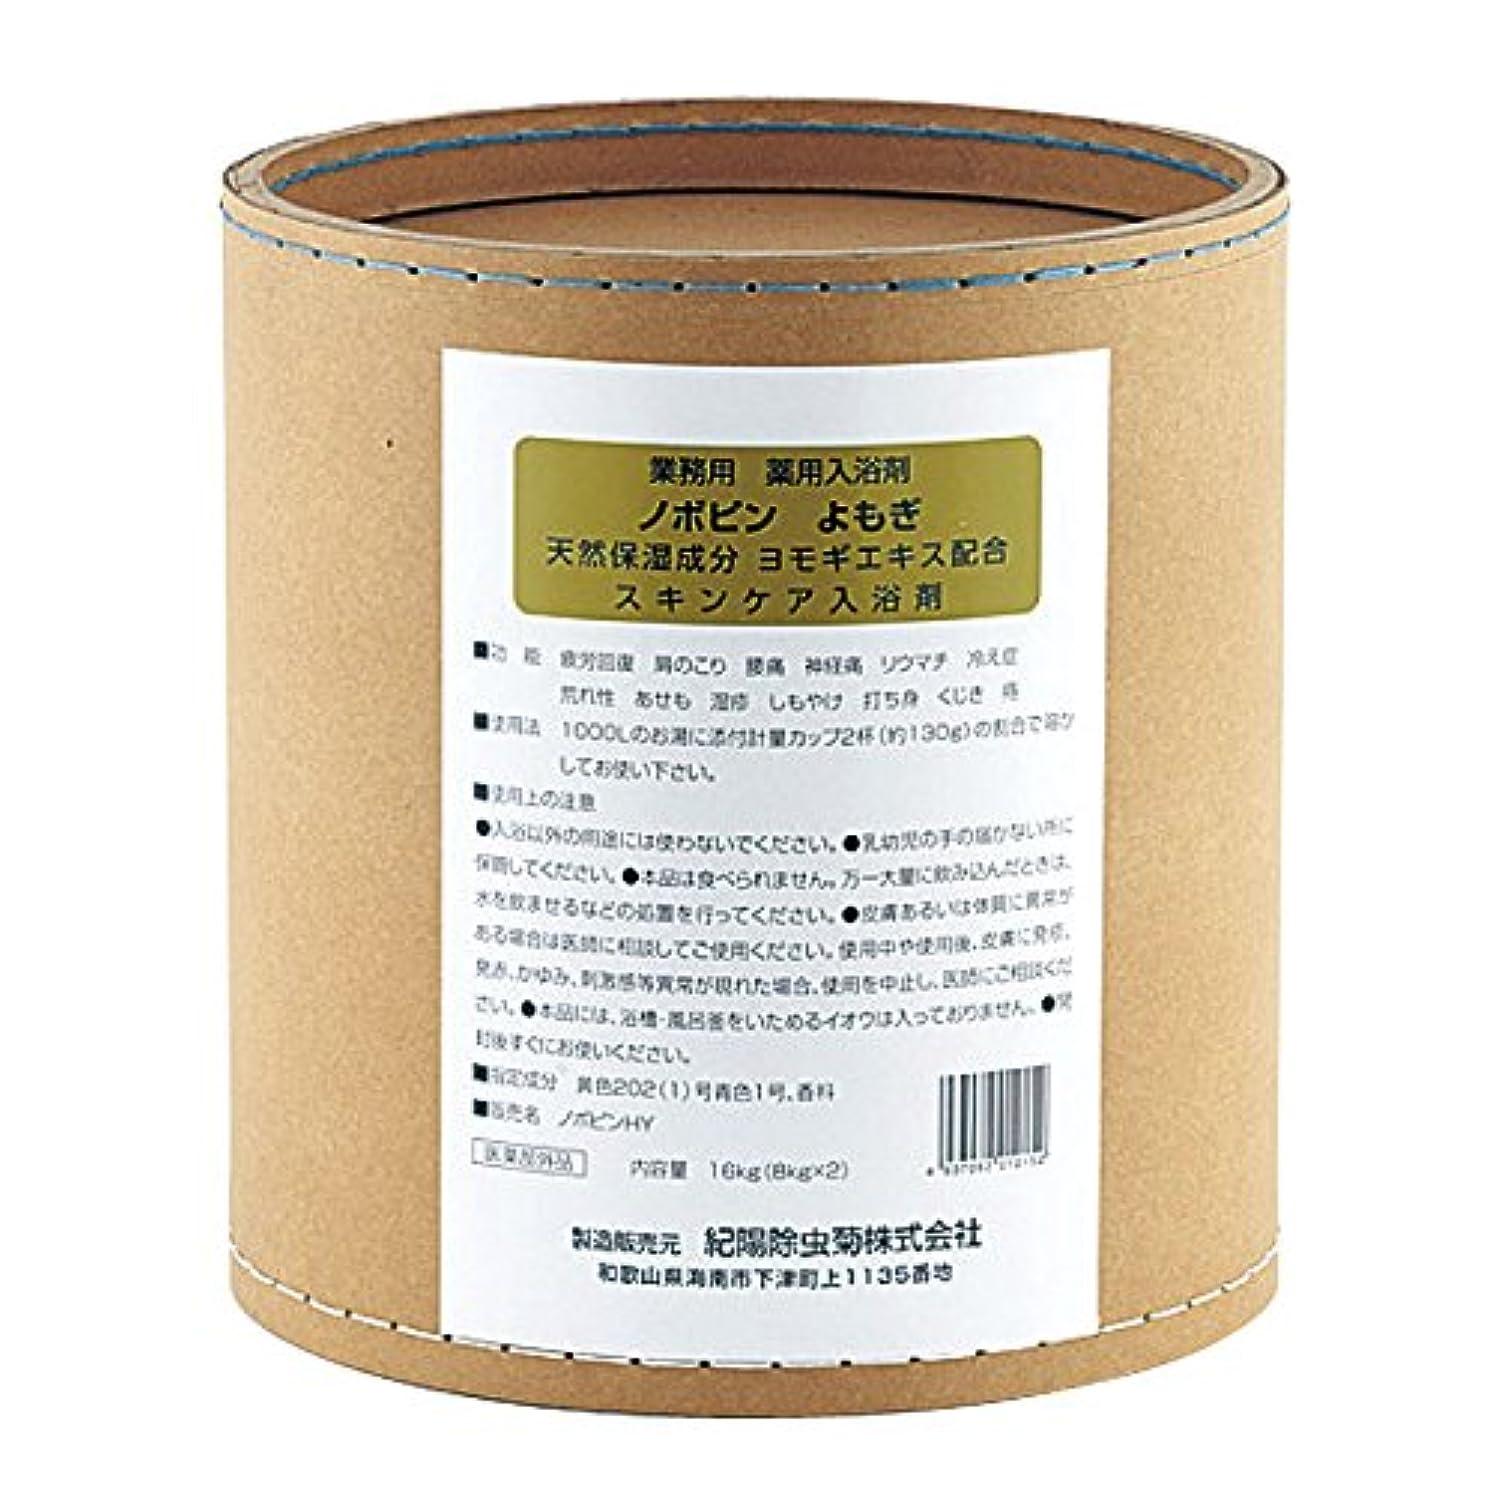 もの不合格タイト業務用入浴剤ノボピンよもぎ16kg(8kg*2)